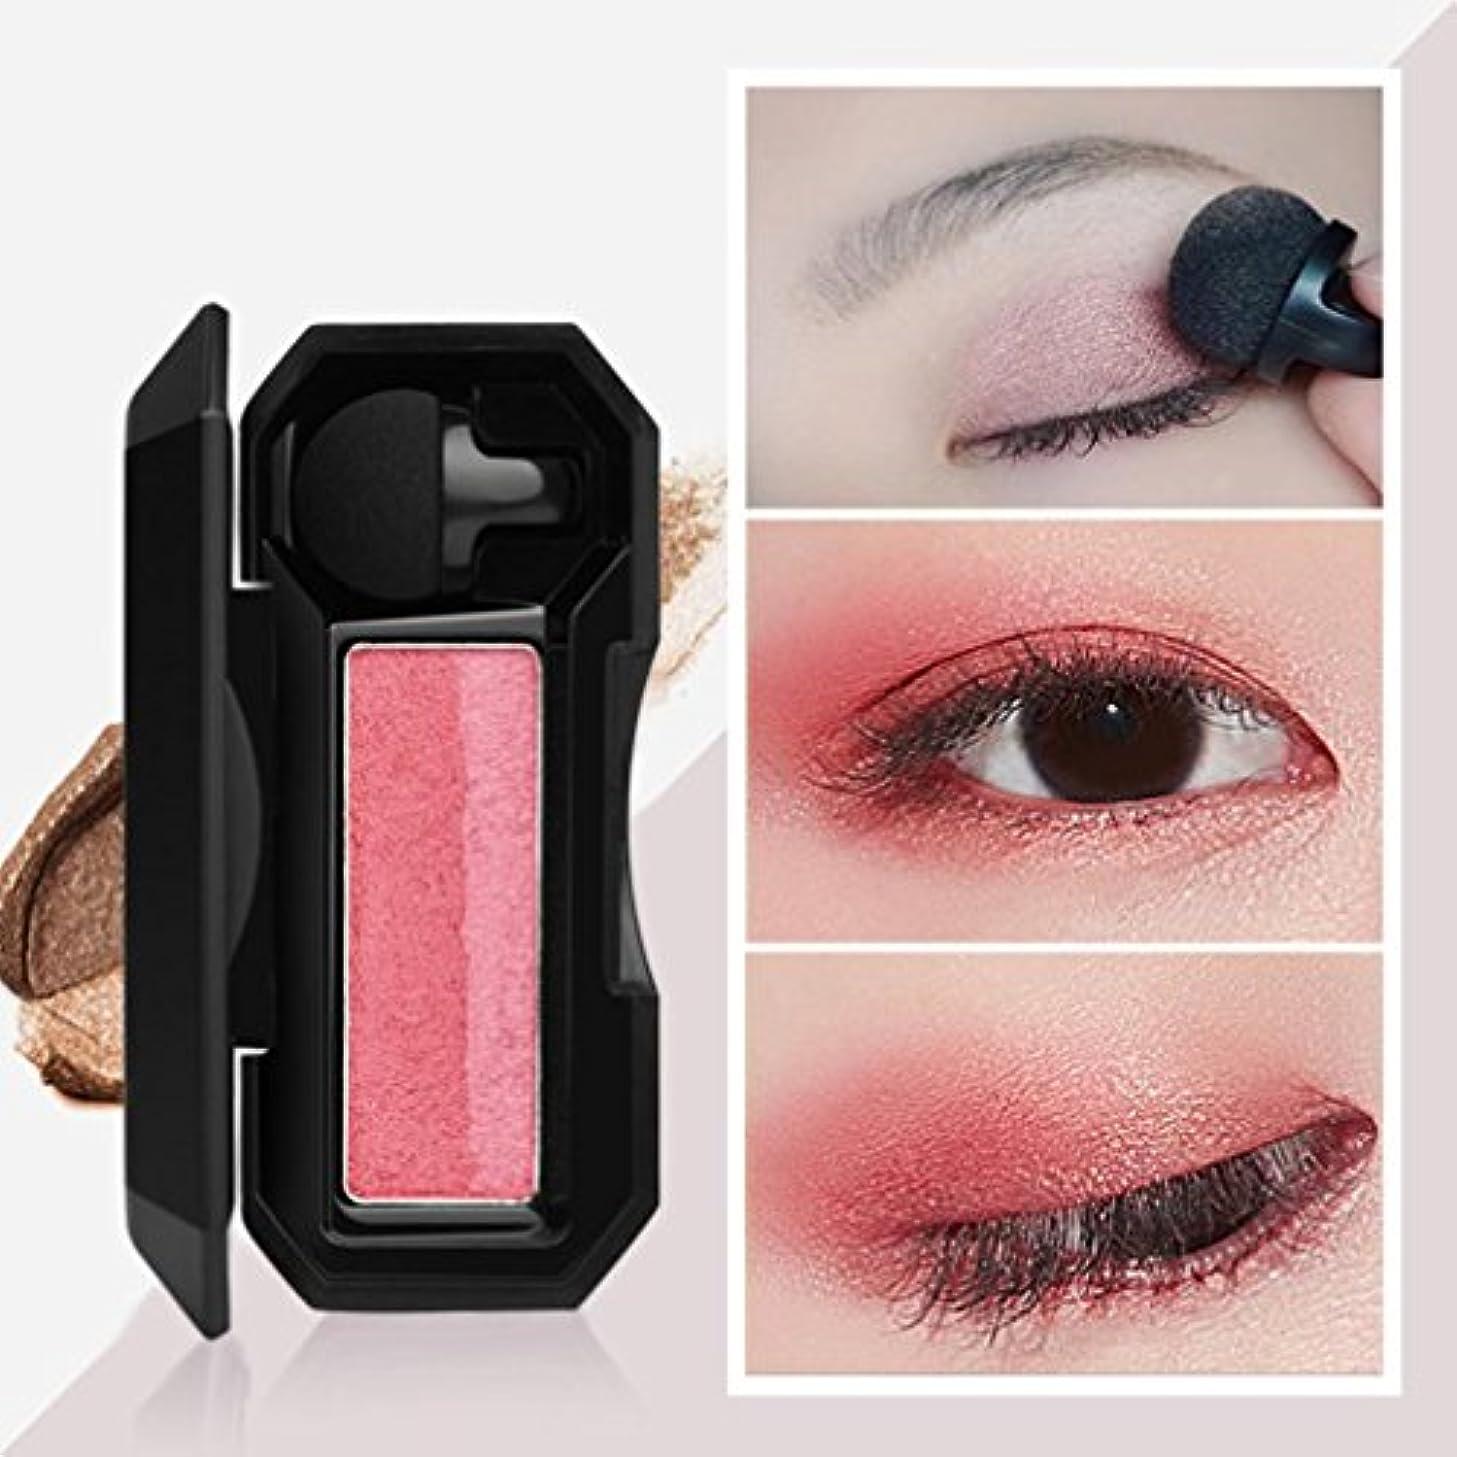 フィットネスペフ欲求不満ビューティー アイシャドー BOBOGOJP 女性 2色 可愛い デザイン ミニスタンプアイシャドーパレット 携帯便利 極め細かい 化粧パウダー 持続性 スモーキーメイク (21A)